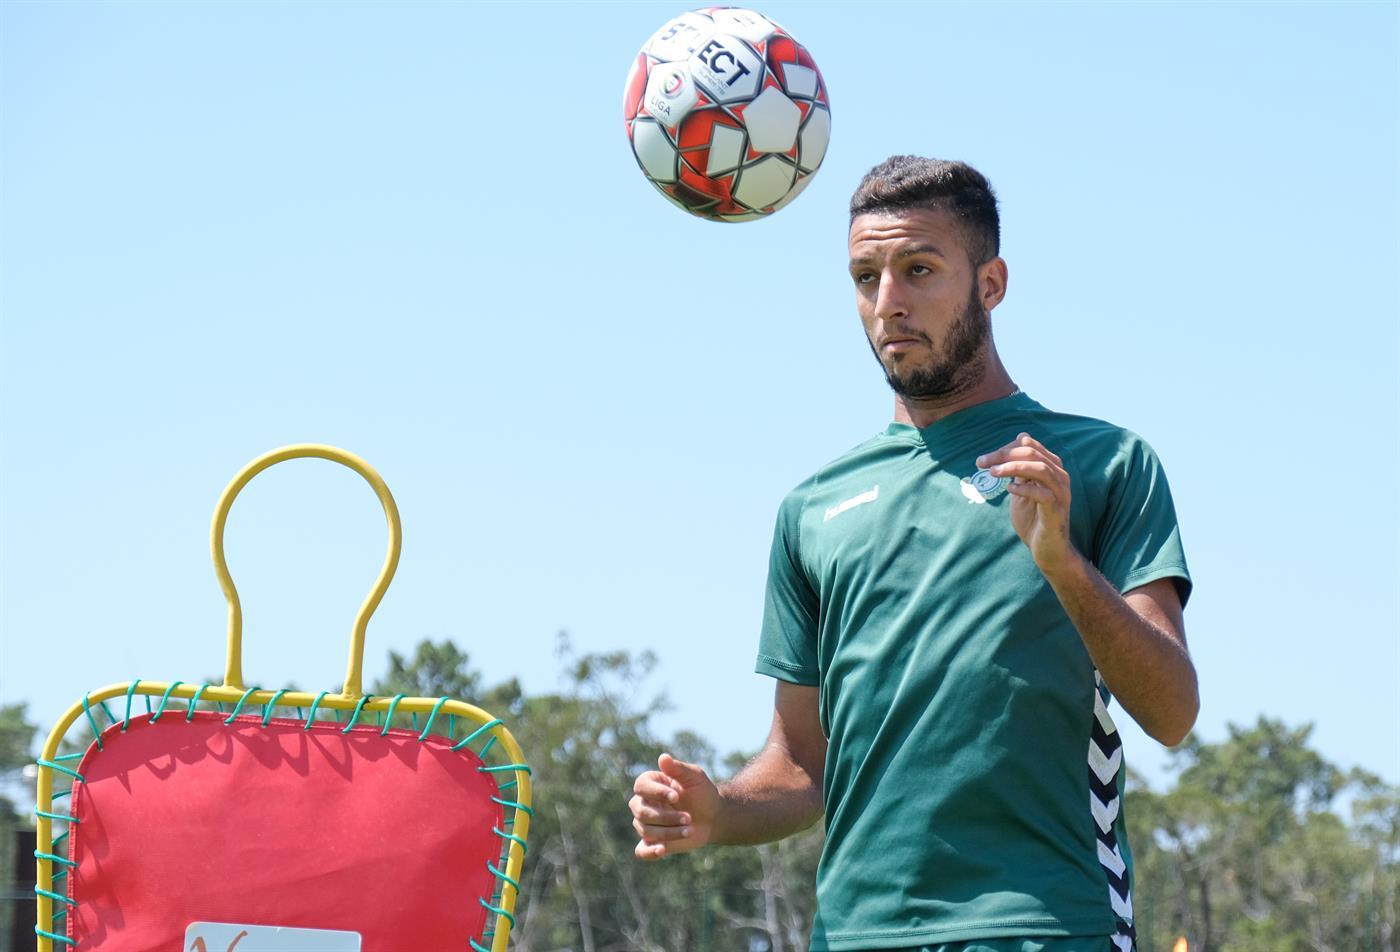 Troia, 17/07/2019 - O Vitoria de Setúbal treinou esta manhã no One Troia José Mourinho Training CentreKhalid